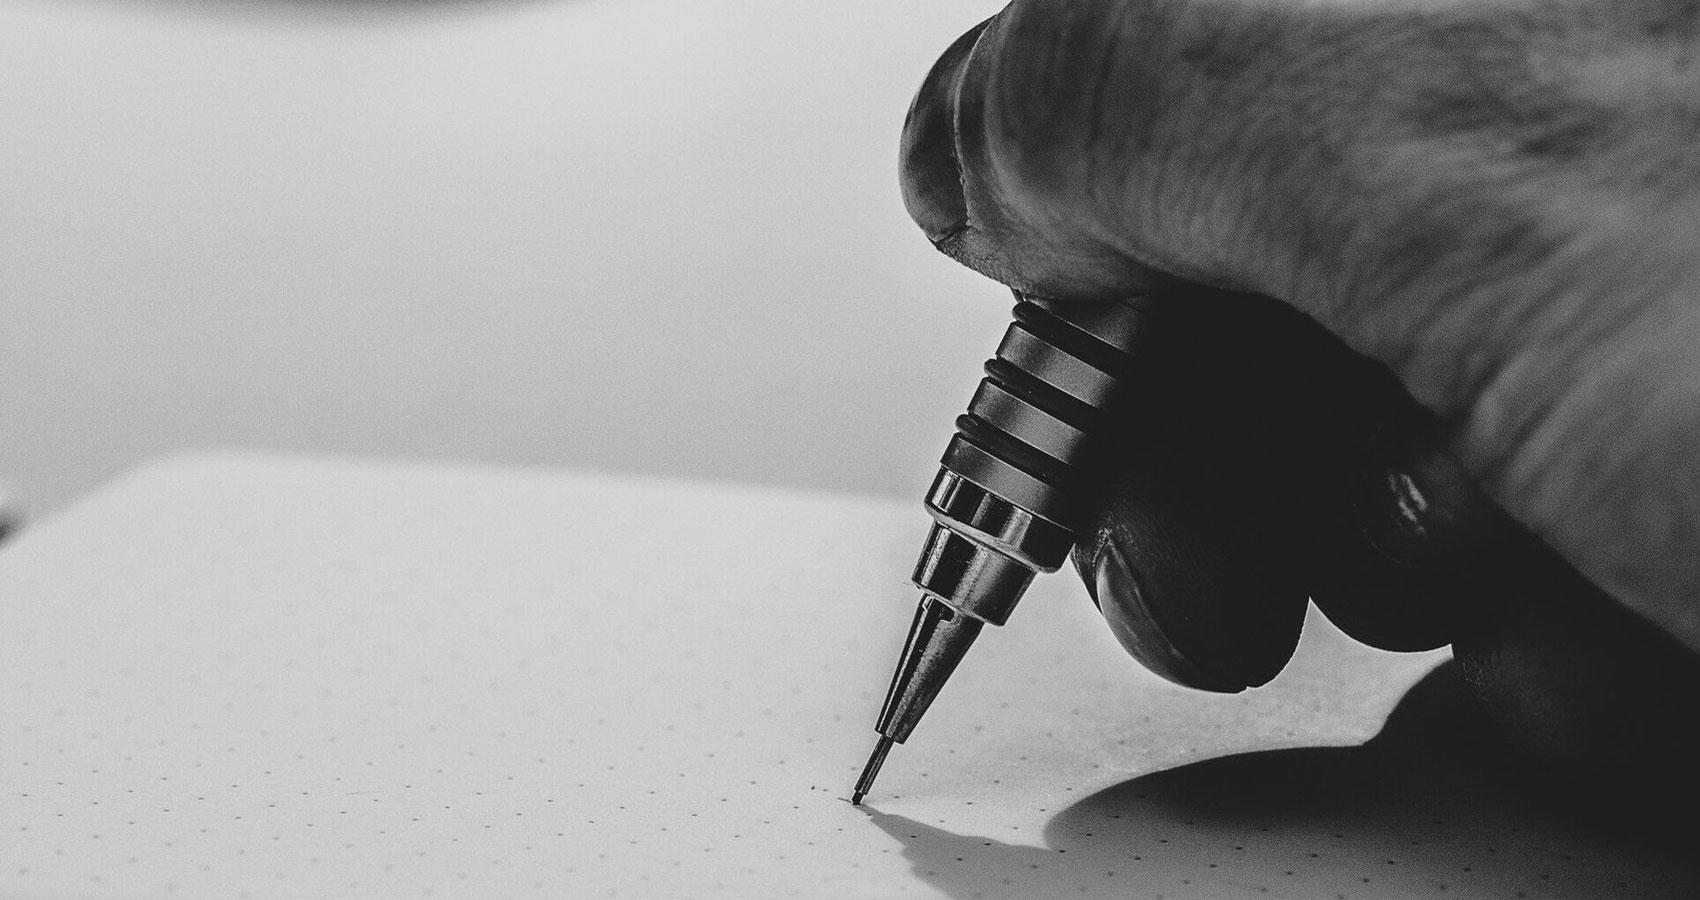 A Corrupt Pen written by Bitupan Das at Spillwords.com